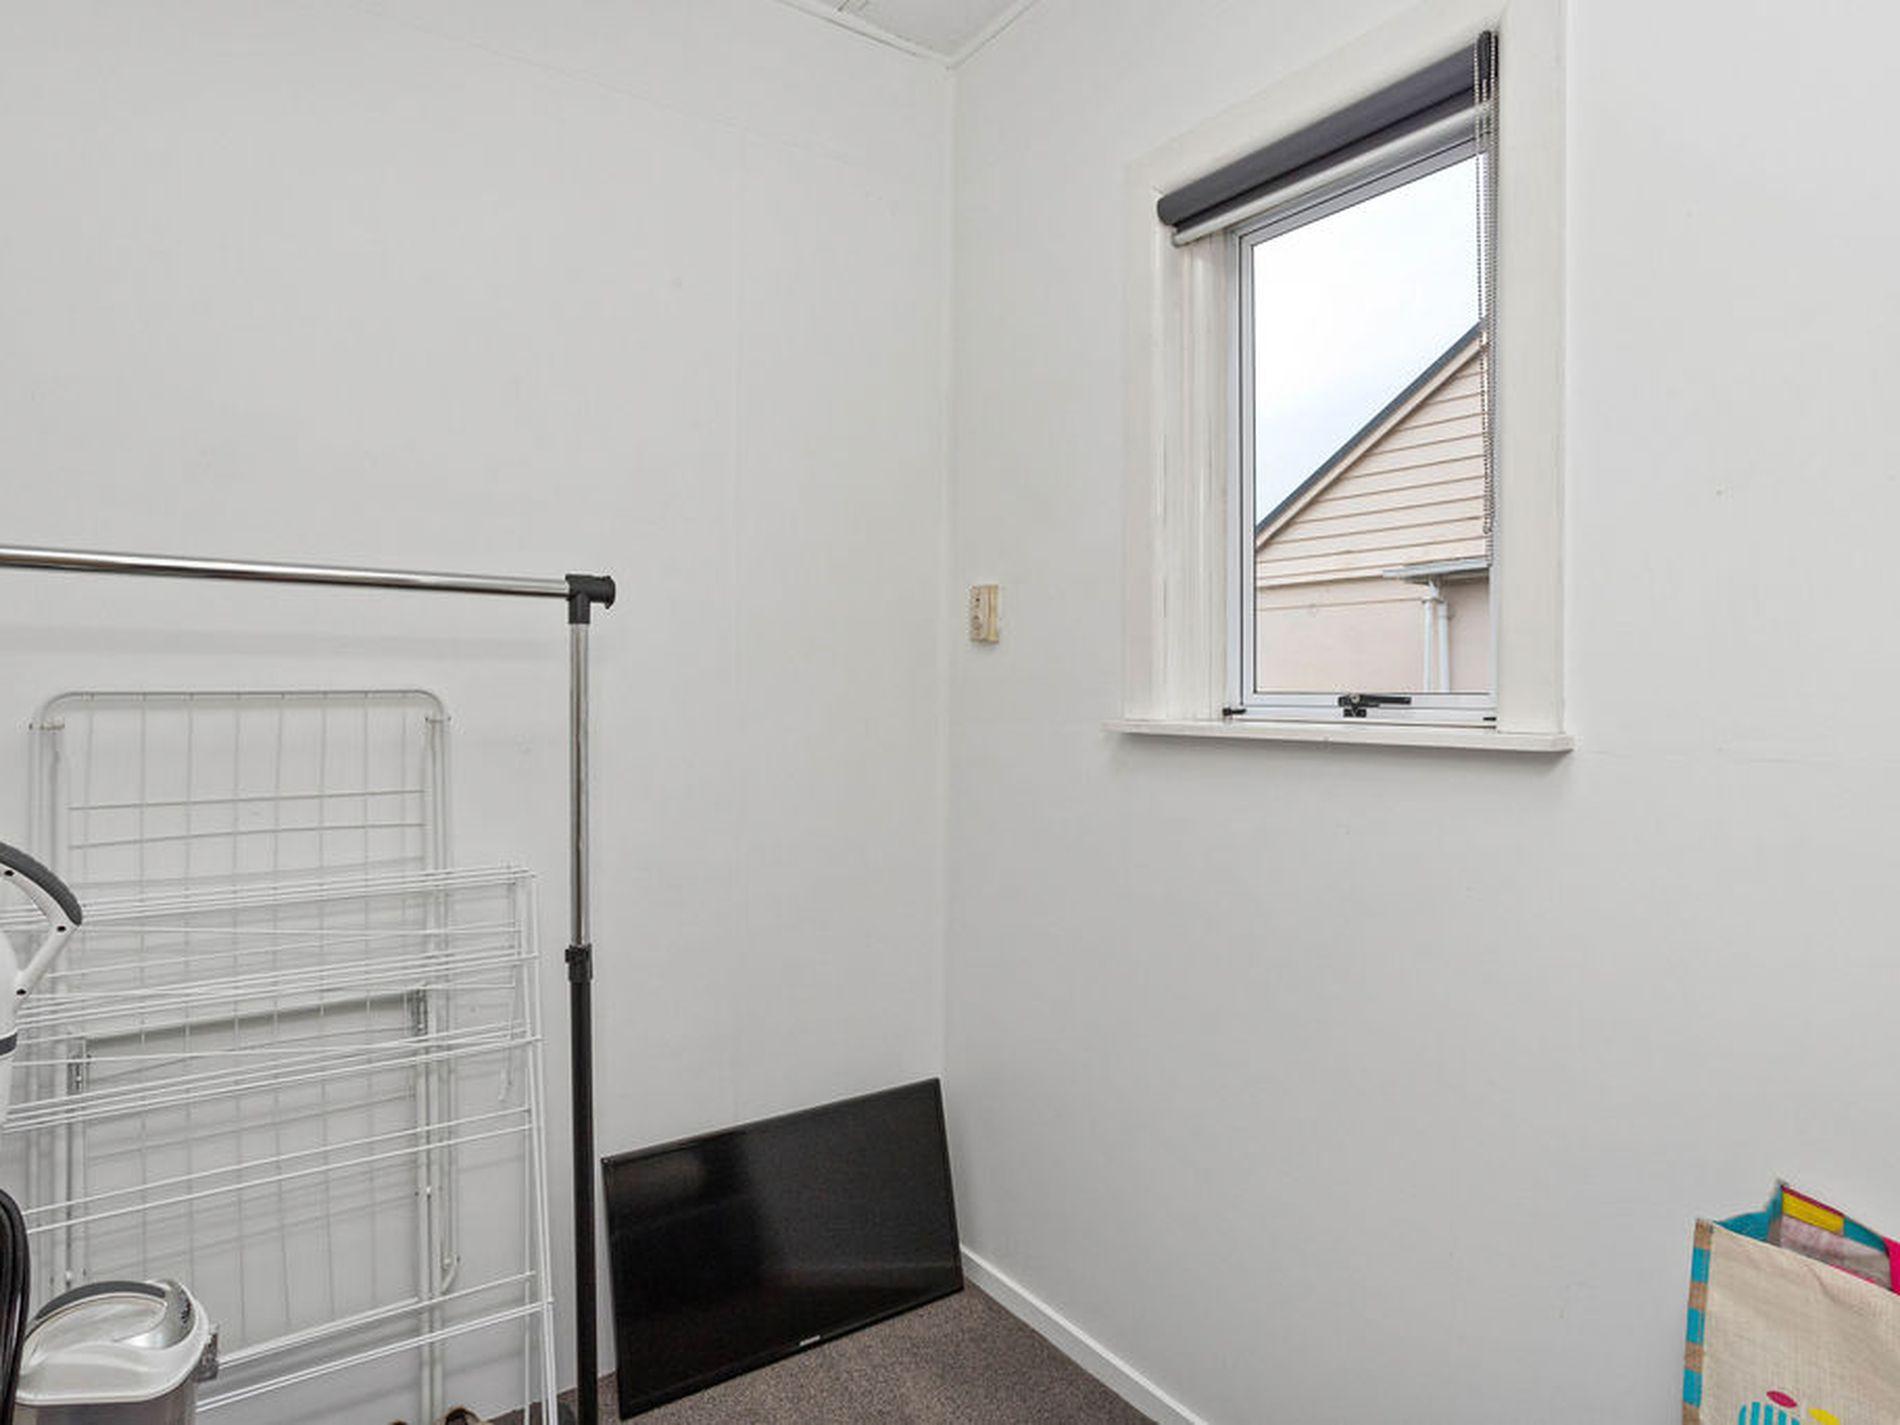 9 Hammond Place, Spreydon